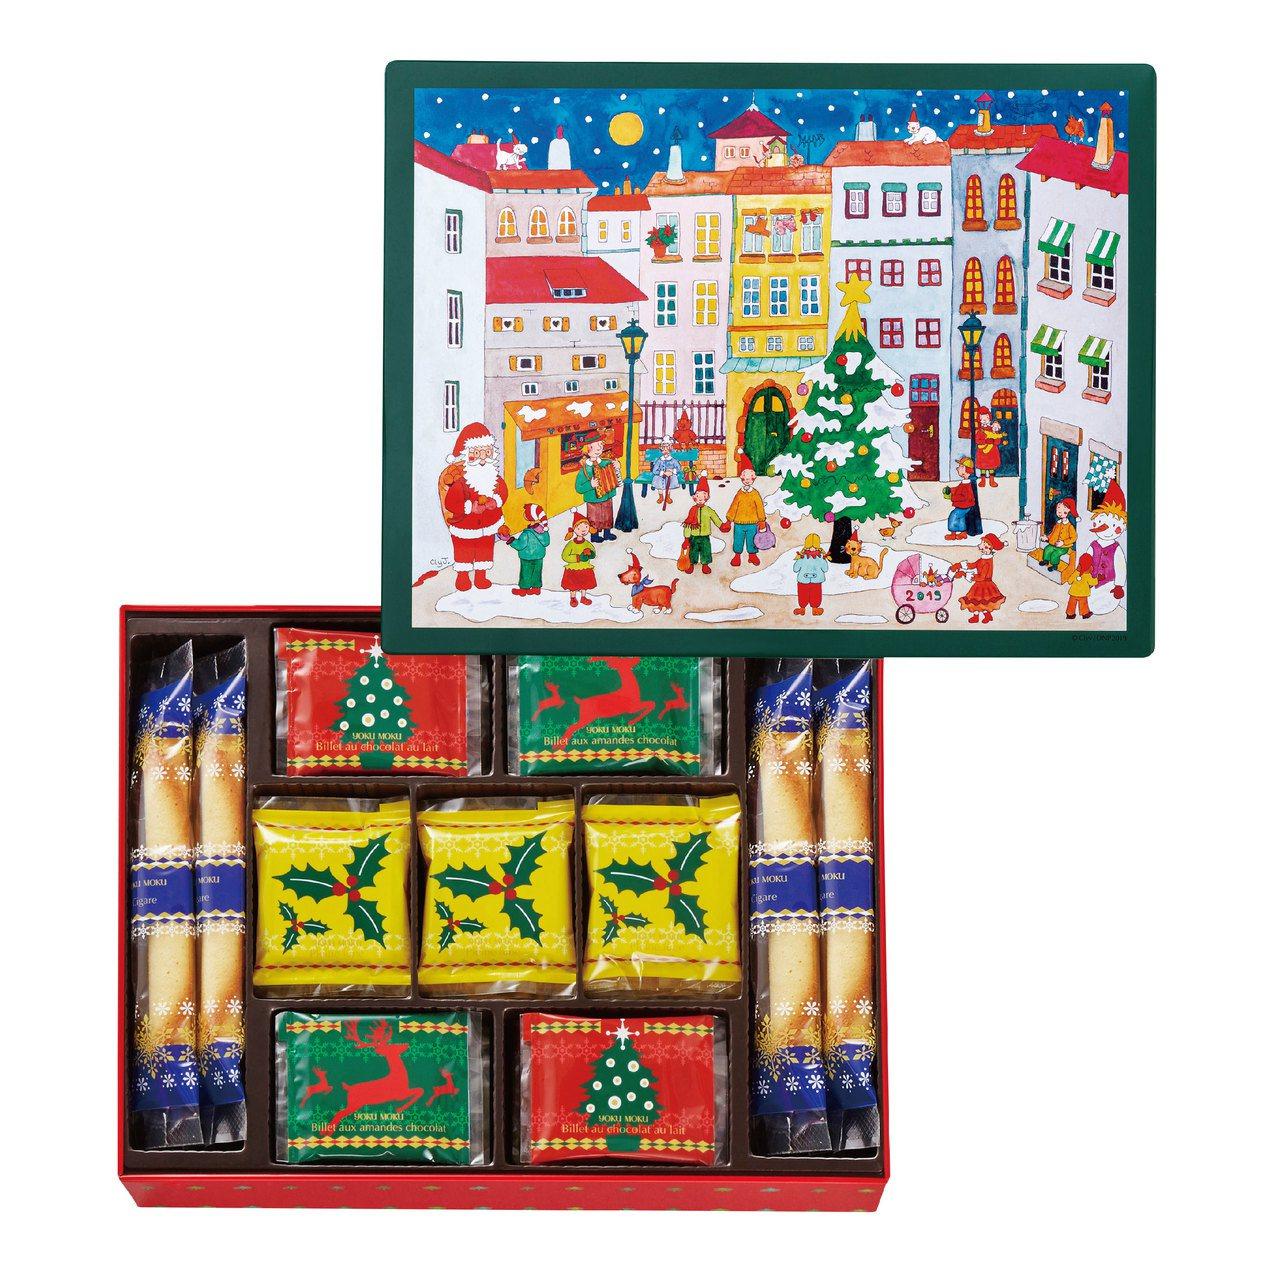 YOKU MOKU喜饌禮盒,售價1,980元。圖/YOKU MOKU提供